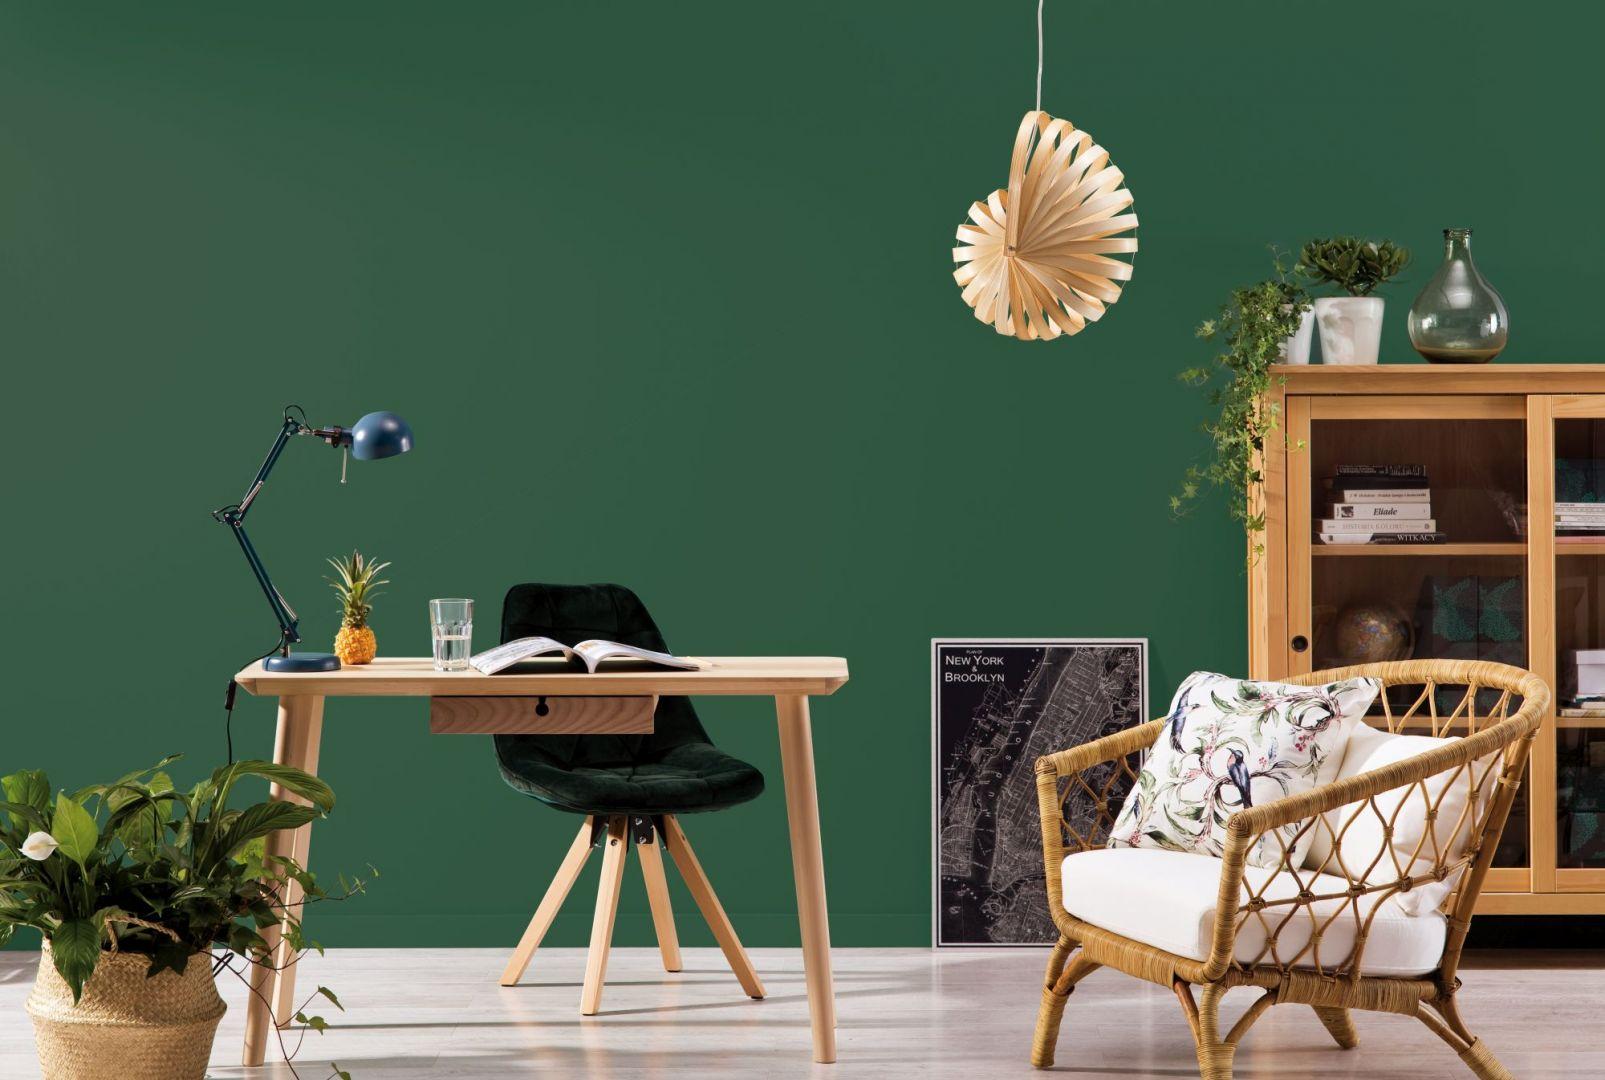 Malujemy ściany: ekologiczne farby do wnętrz. For. Beckers